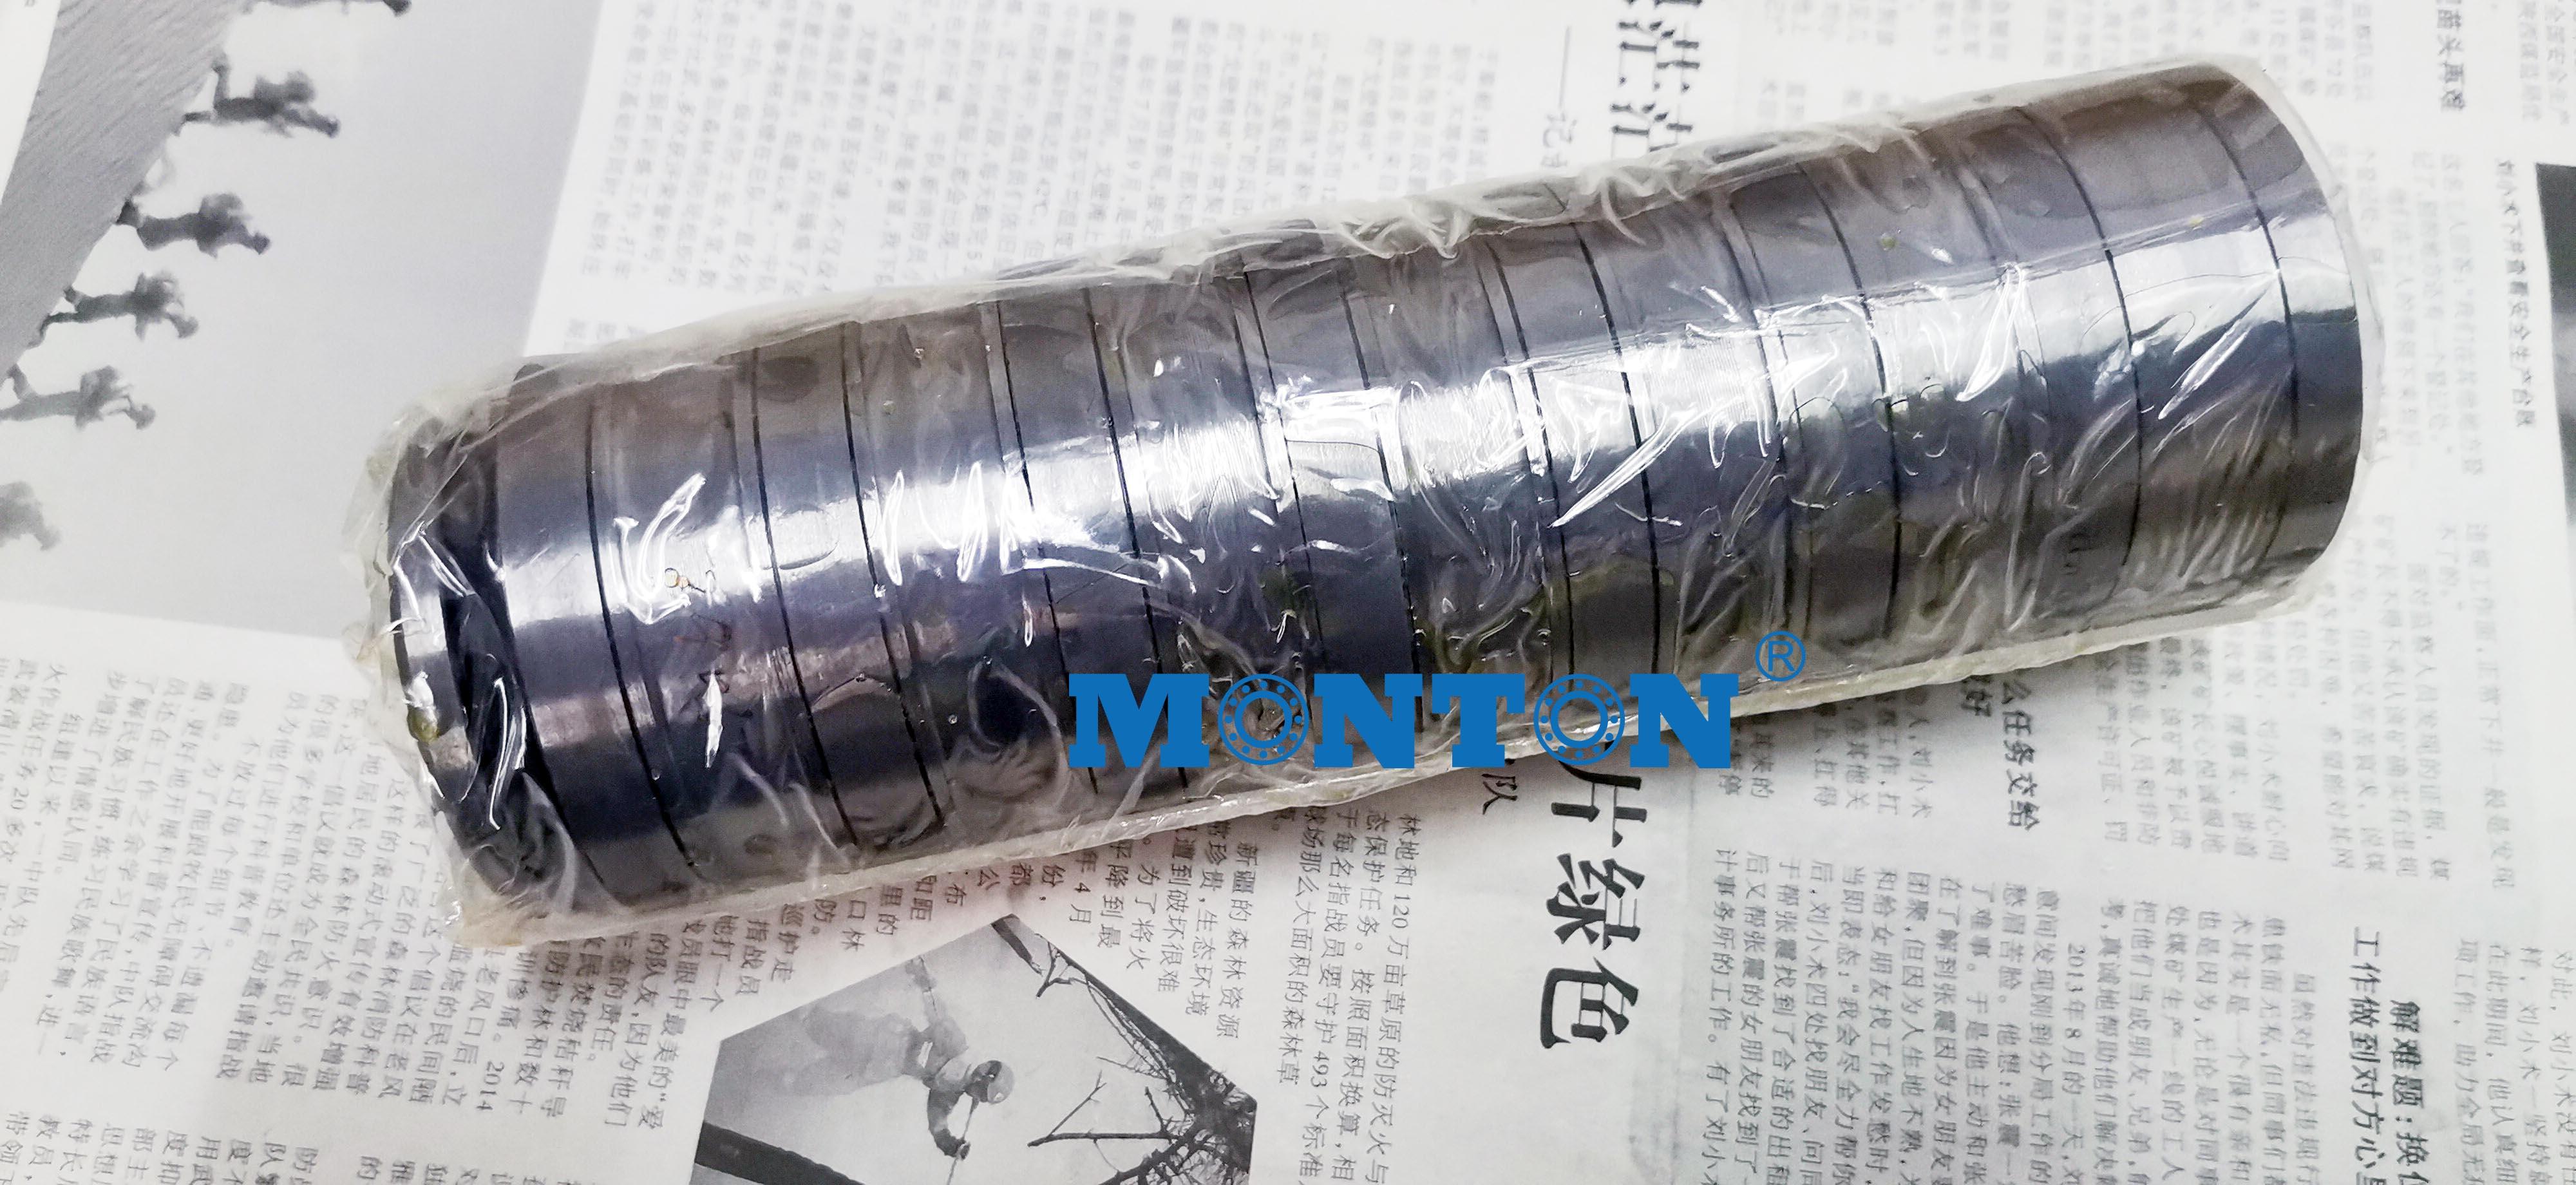 T8AR2264 22*64*205mm Multi-Stage tandem thrust bearings